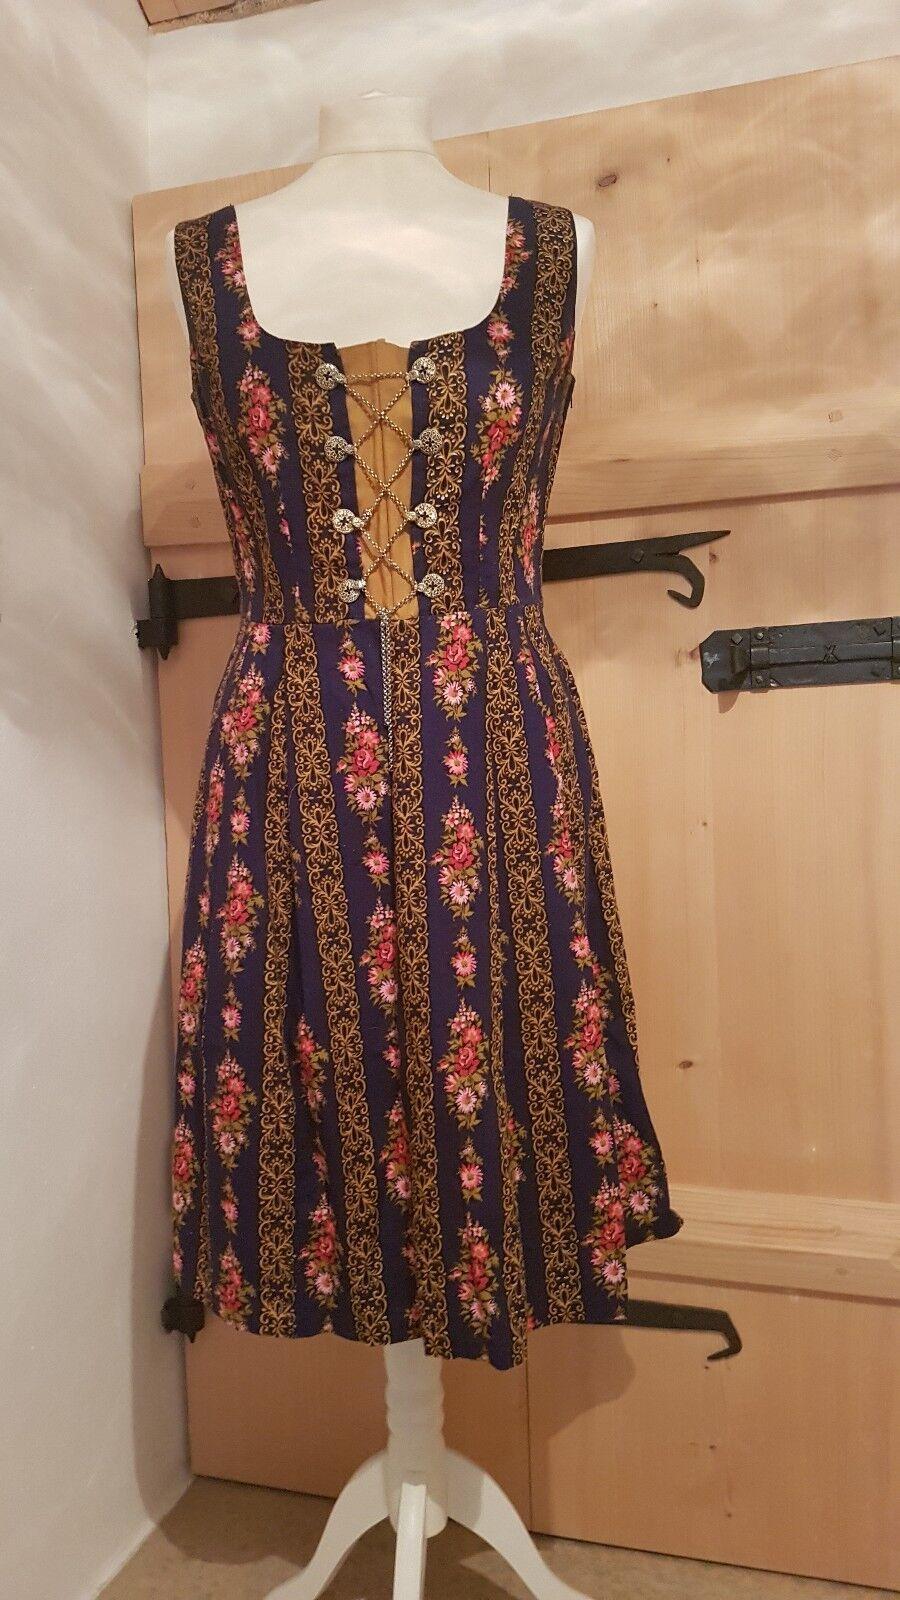 Original Vintage Dirndl Größe 36 38 Blau Blaumen Bunt | Hochwertige Materialien  | Kaufen  | Qualitativ Hochwertiges Produkt  | Eleganter Stil  | Feinen Qualität